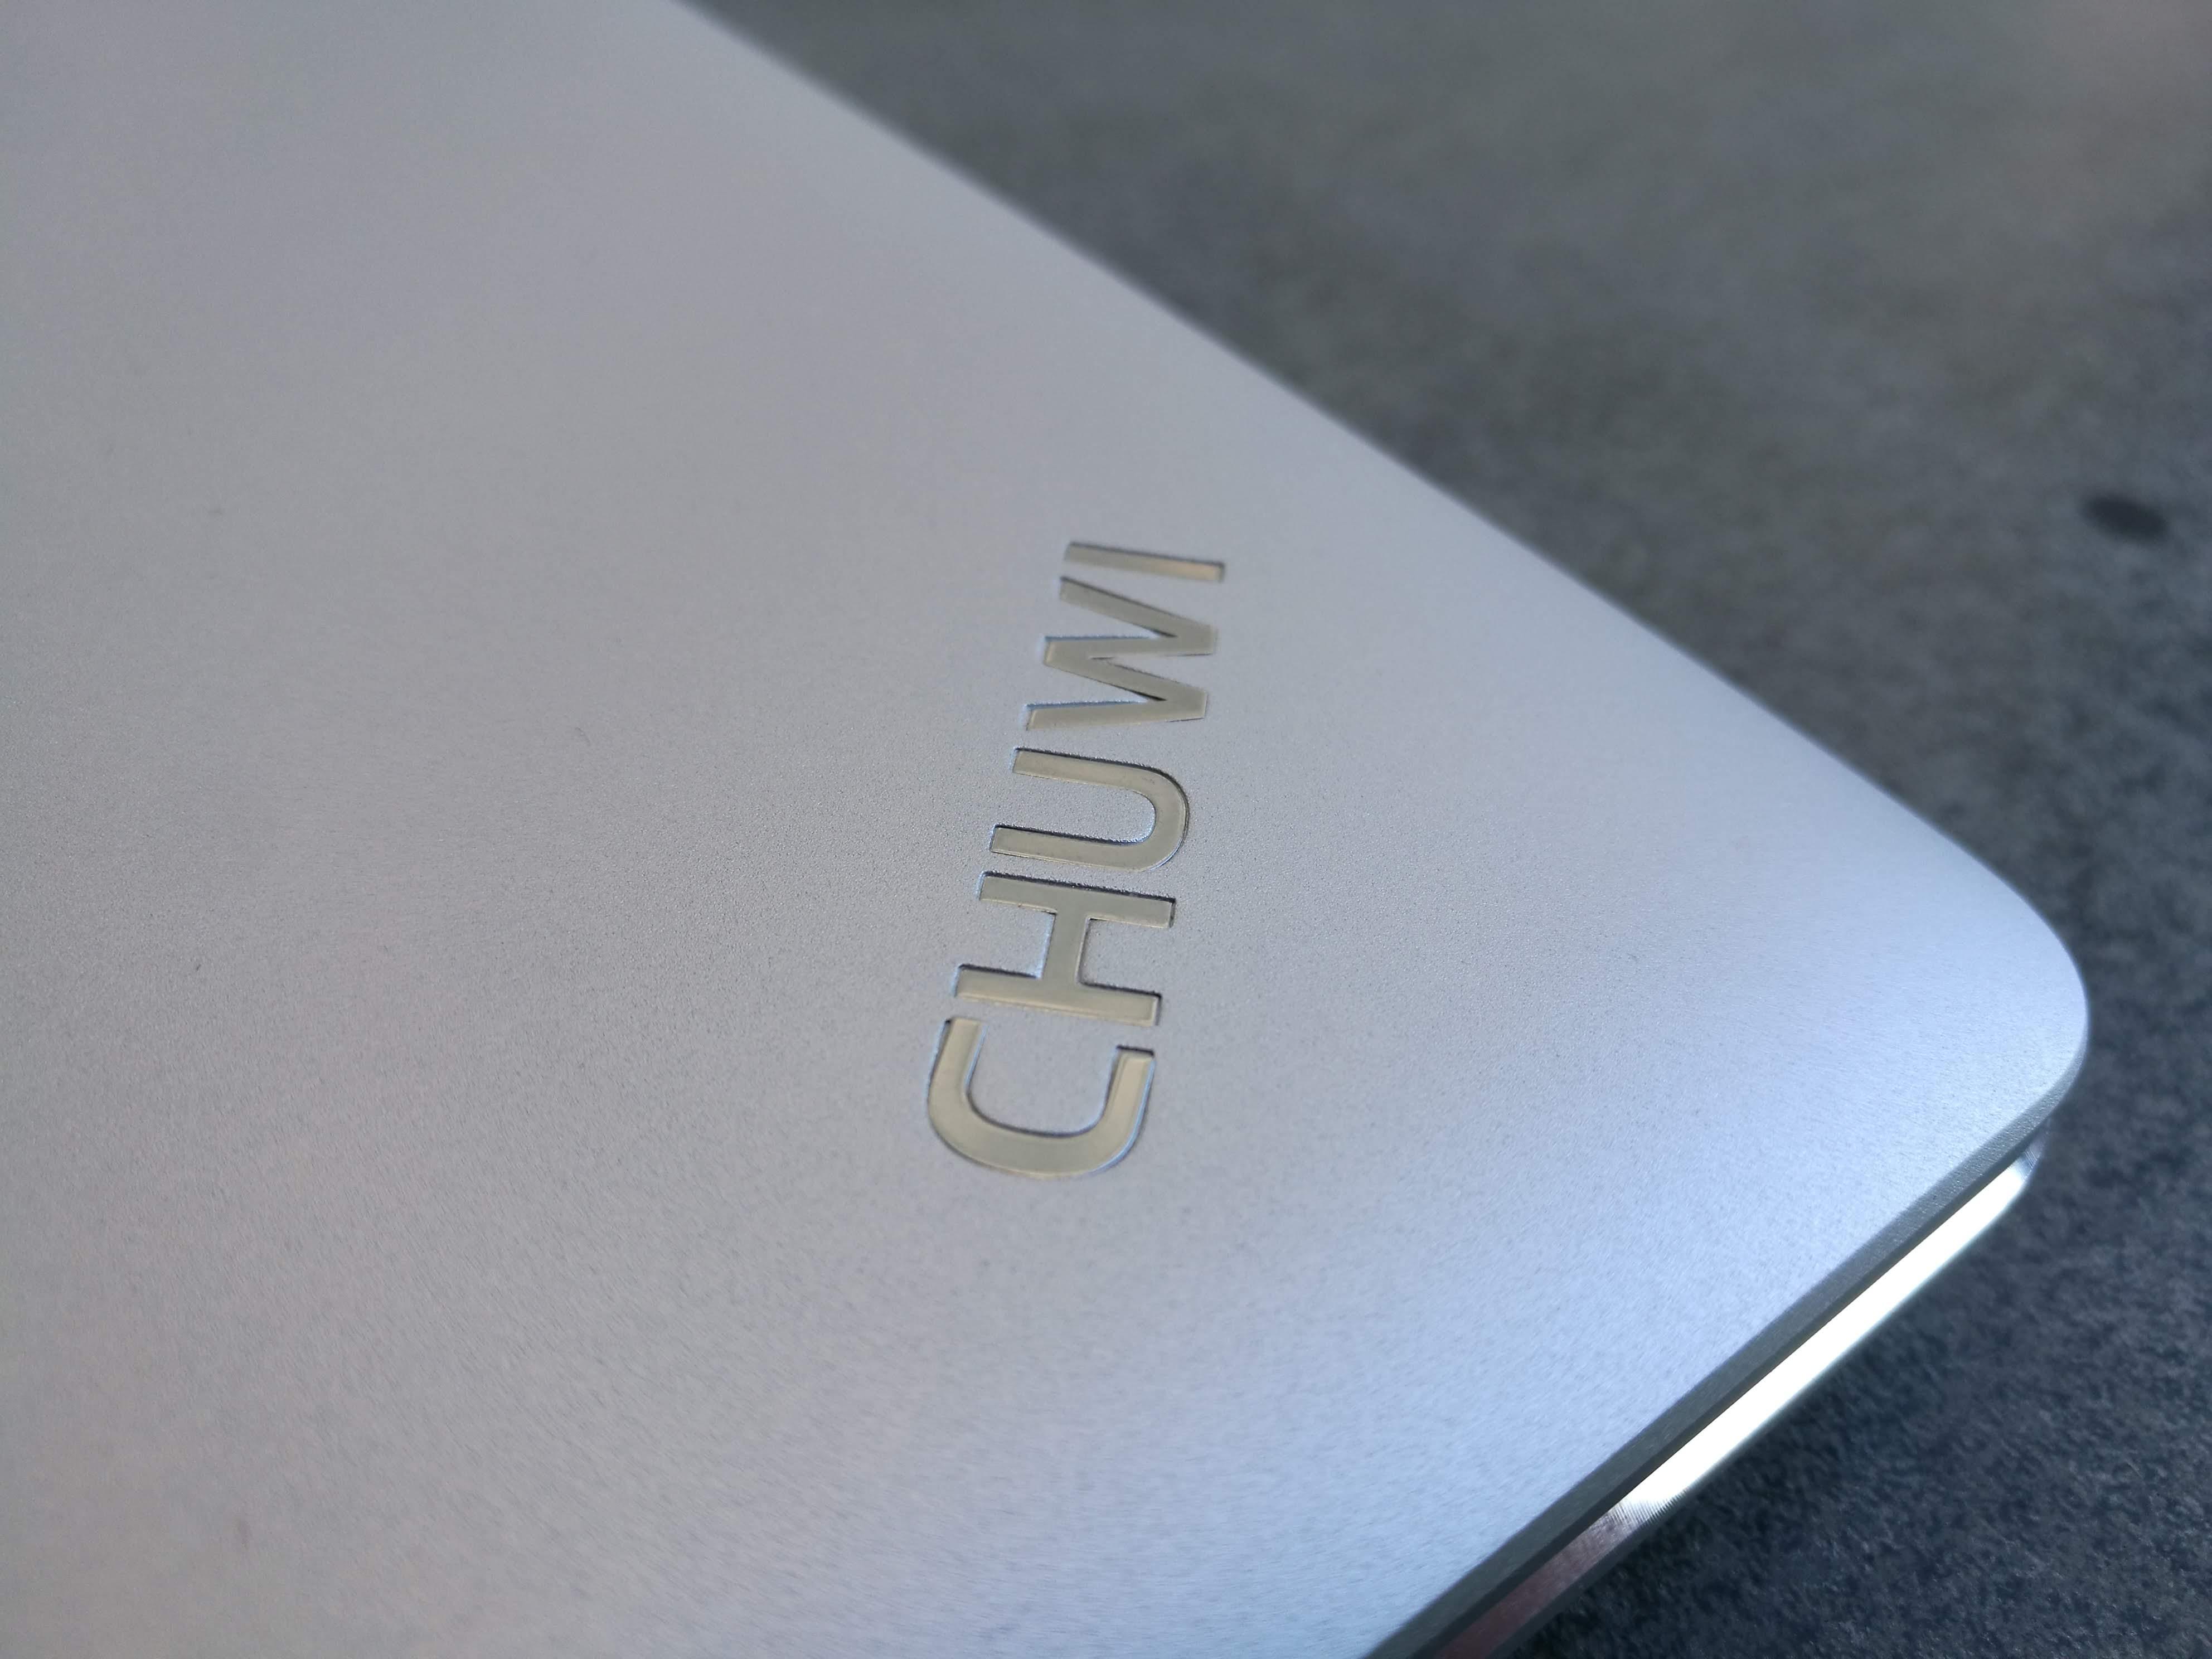 Chuwi LapBook 12.3: jak zainstalować sterowniki dźwięku, Linuksa, zaktualizować BIOS i nieco poprawić touchpad (poradnik) 18